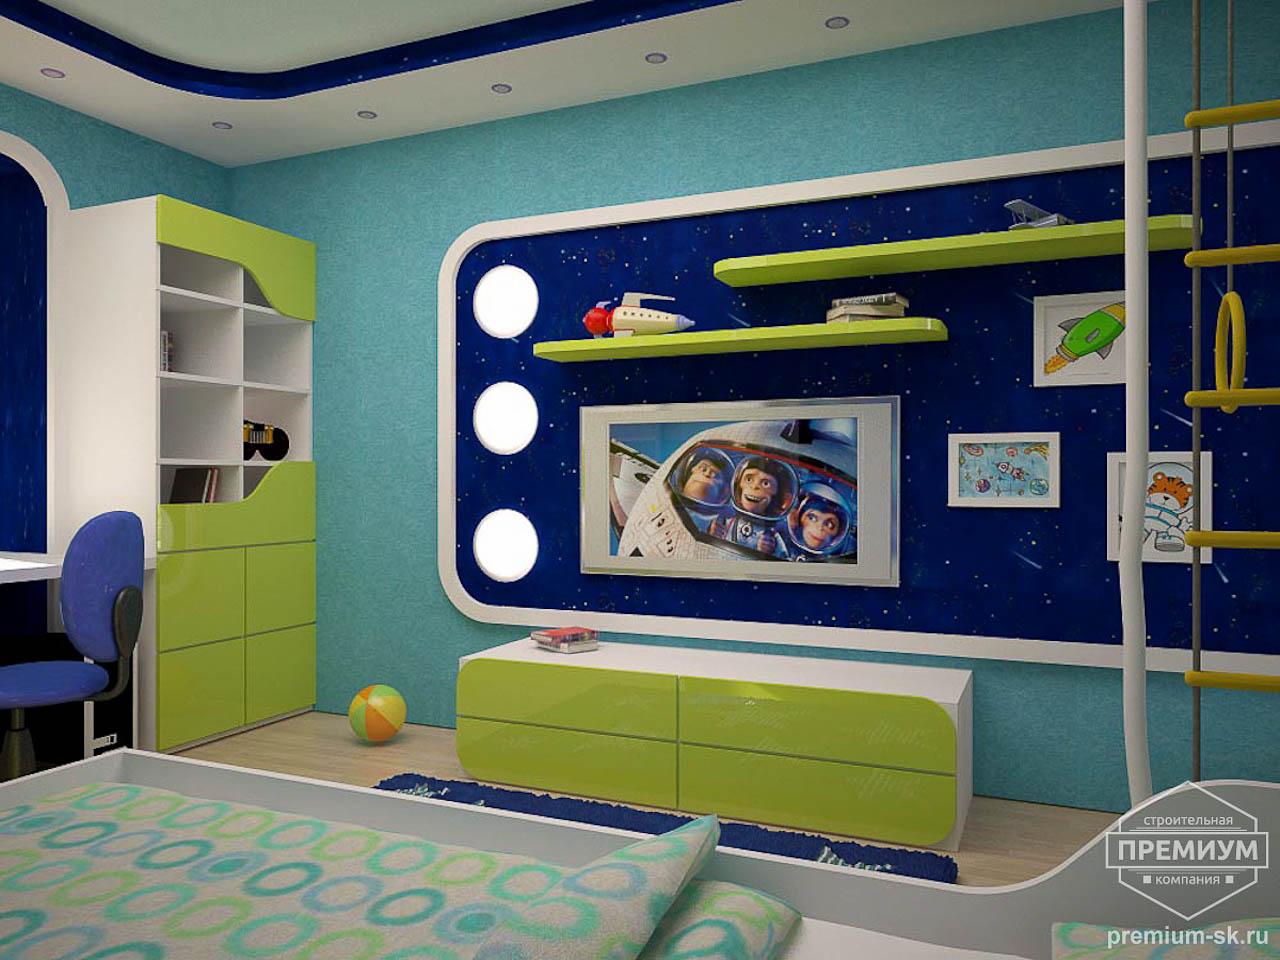 Дизайн интерьера детской по ул. Радищева 33 img1150059479